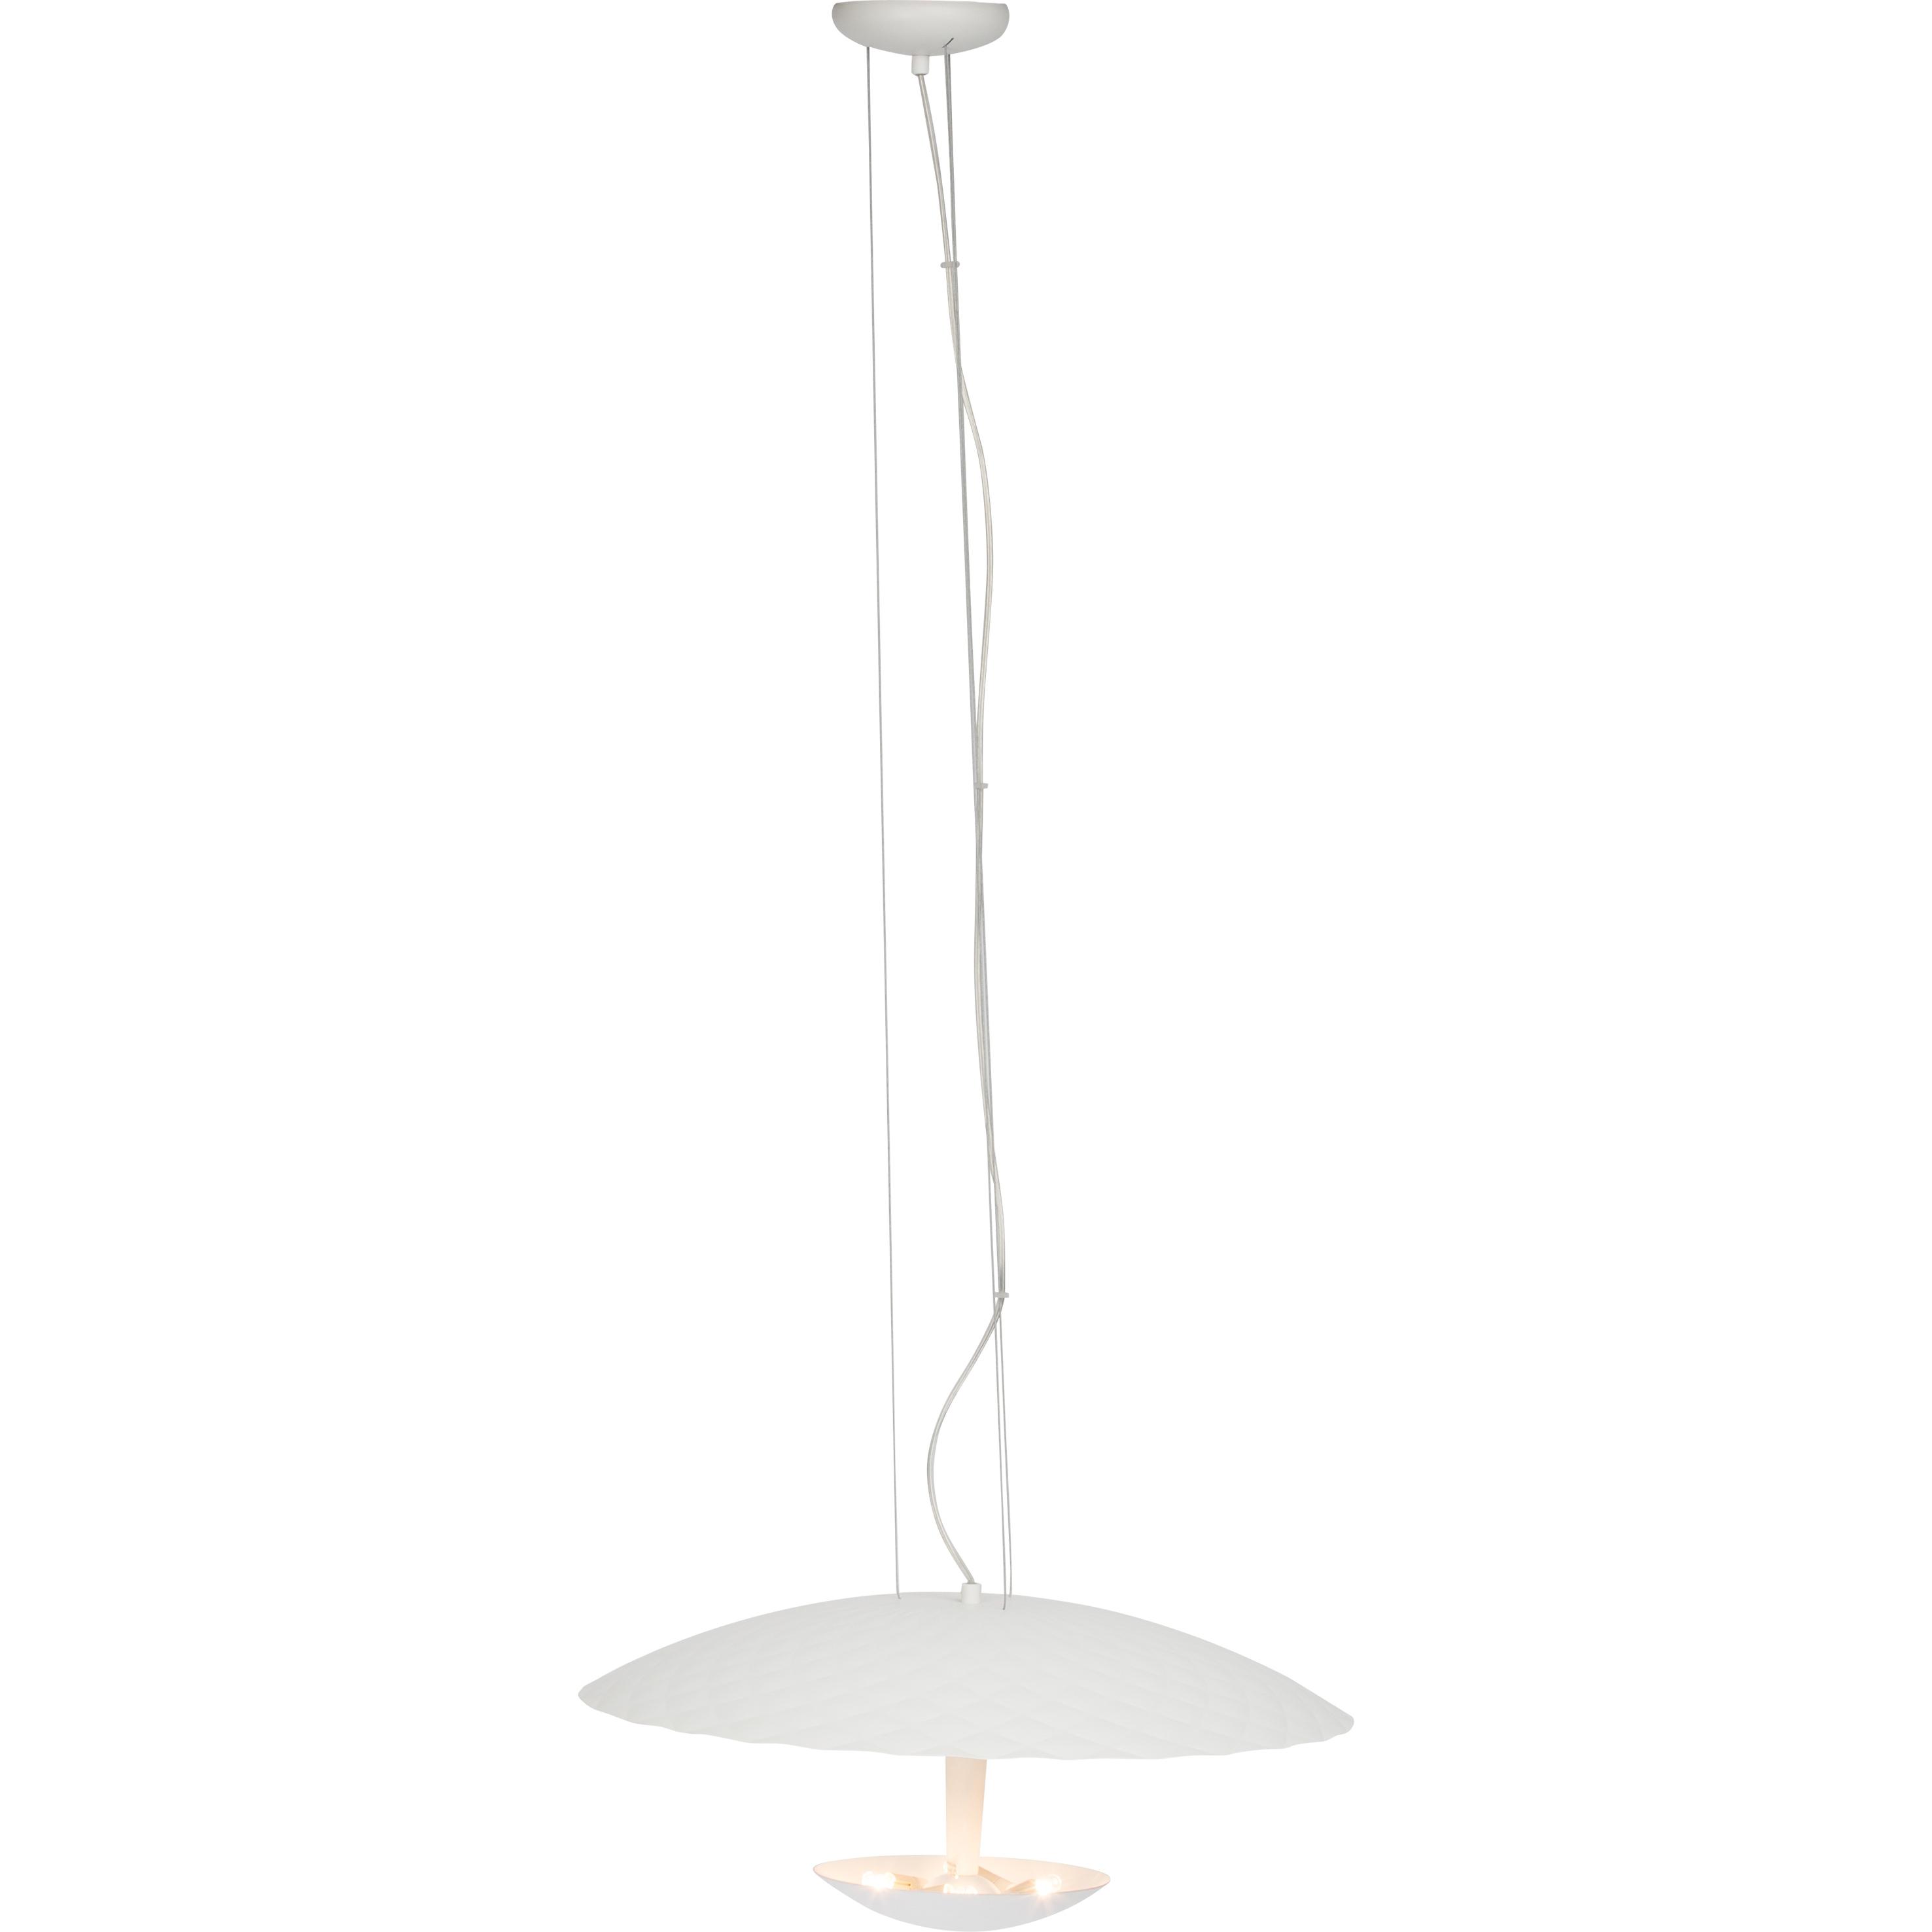 Brilliant Leuchten Vulcano Pendelleuchte 55cm 4flg weiß matt